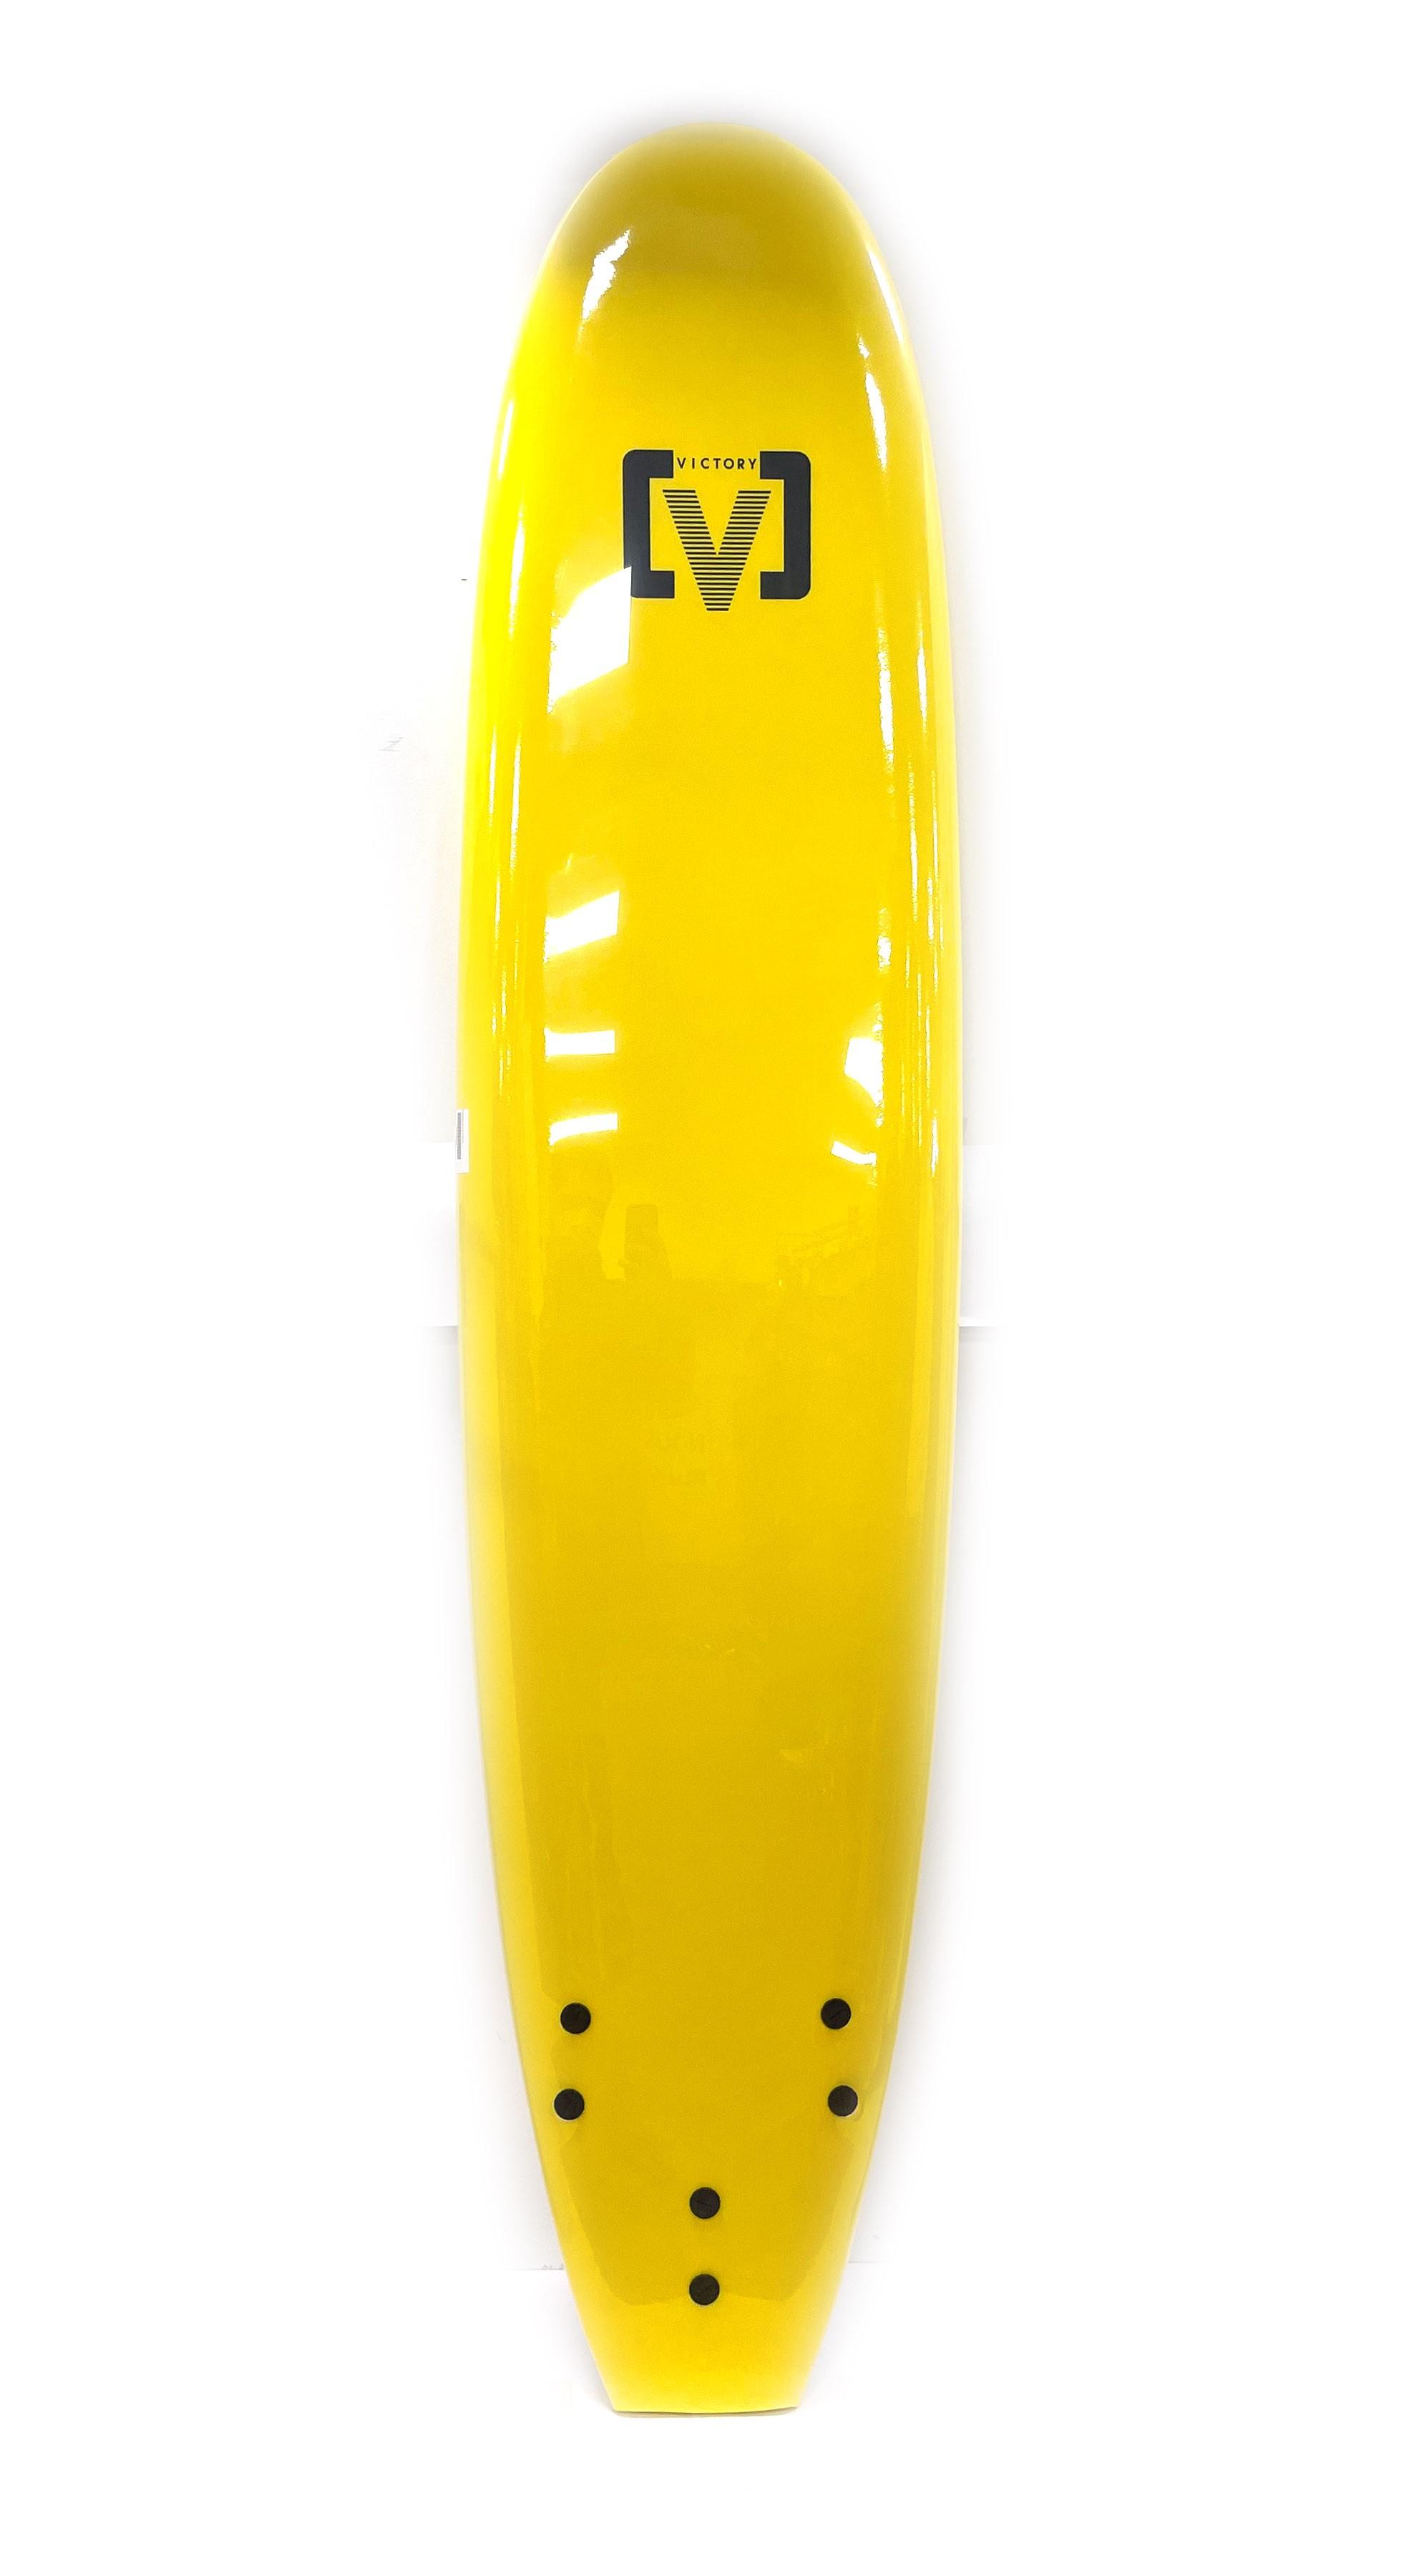 Planche de surf en mousse Victory 8'0 (Jaune)